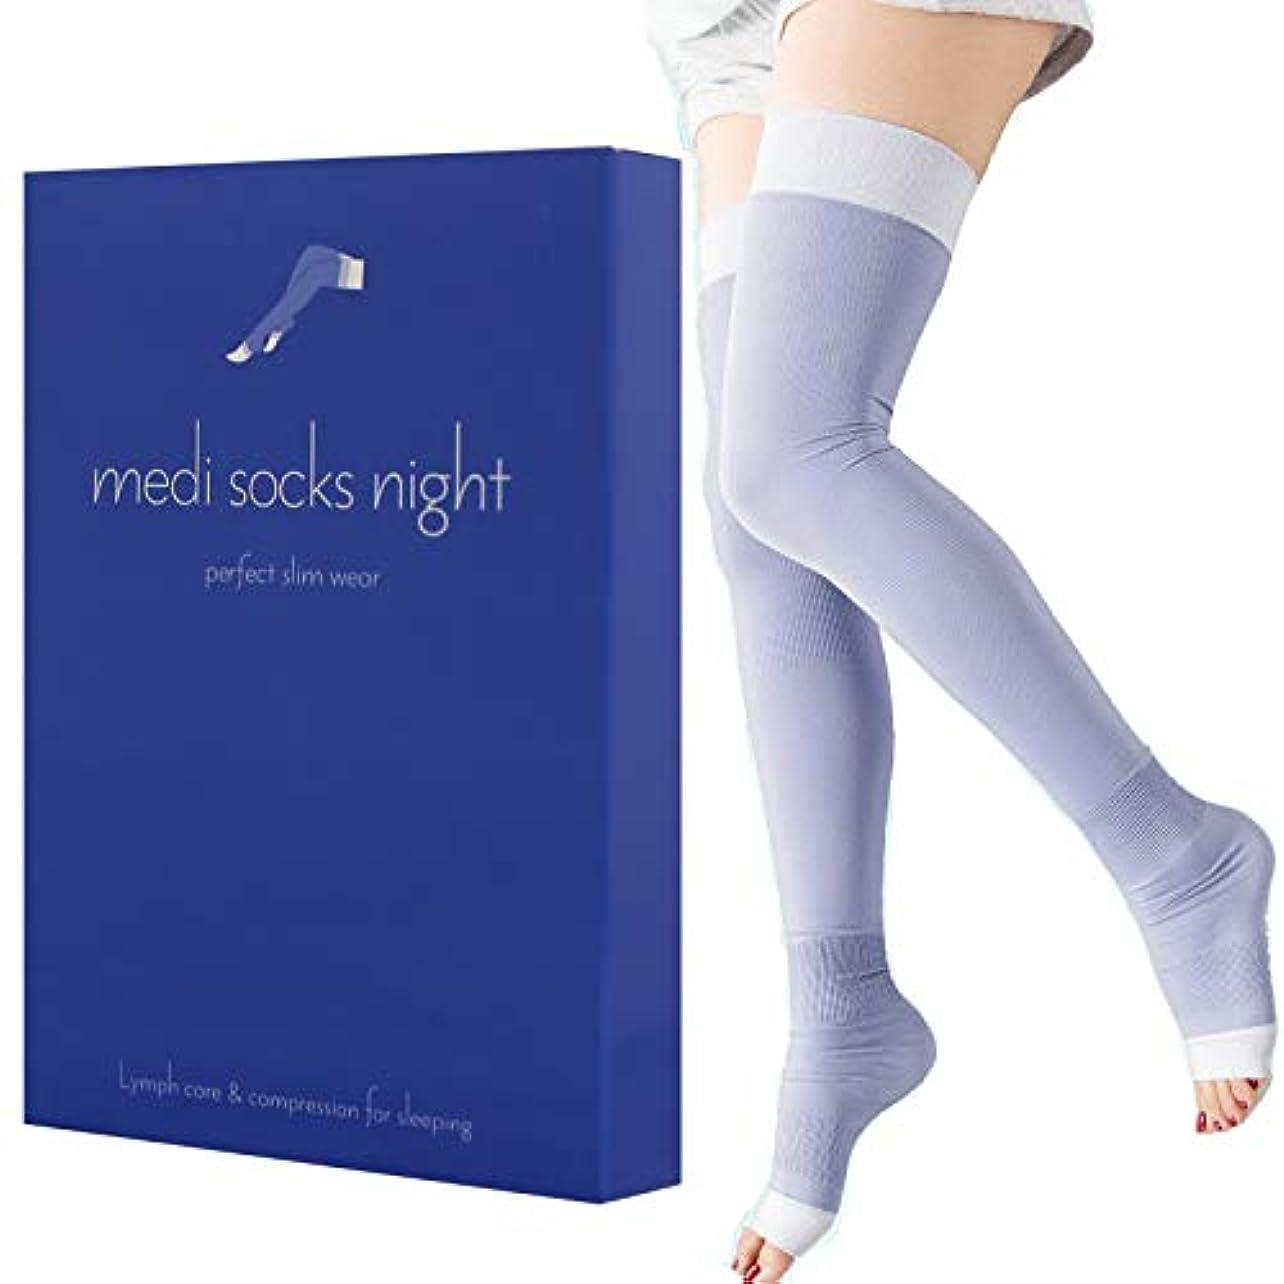 ファントム裁量ベーコンメディソックスナイト ~medi socks night~ Mサイズ